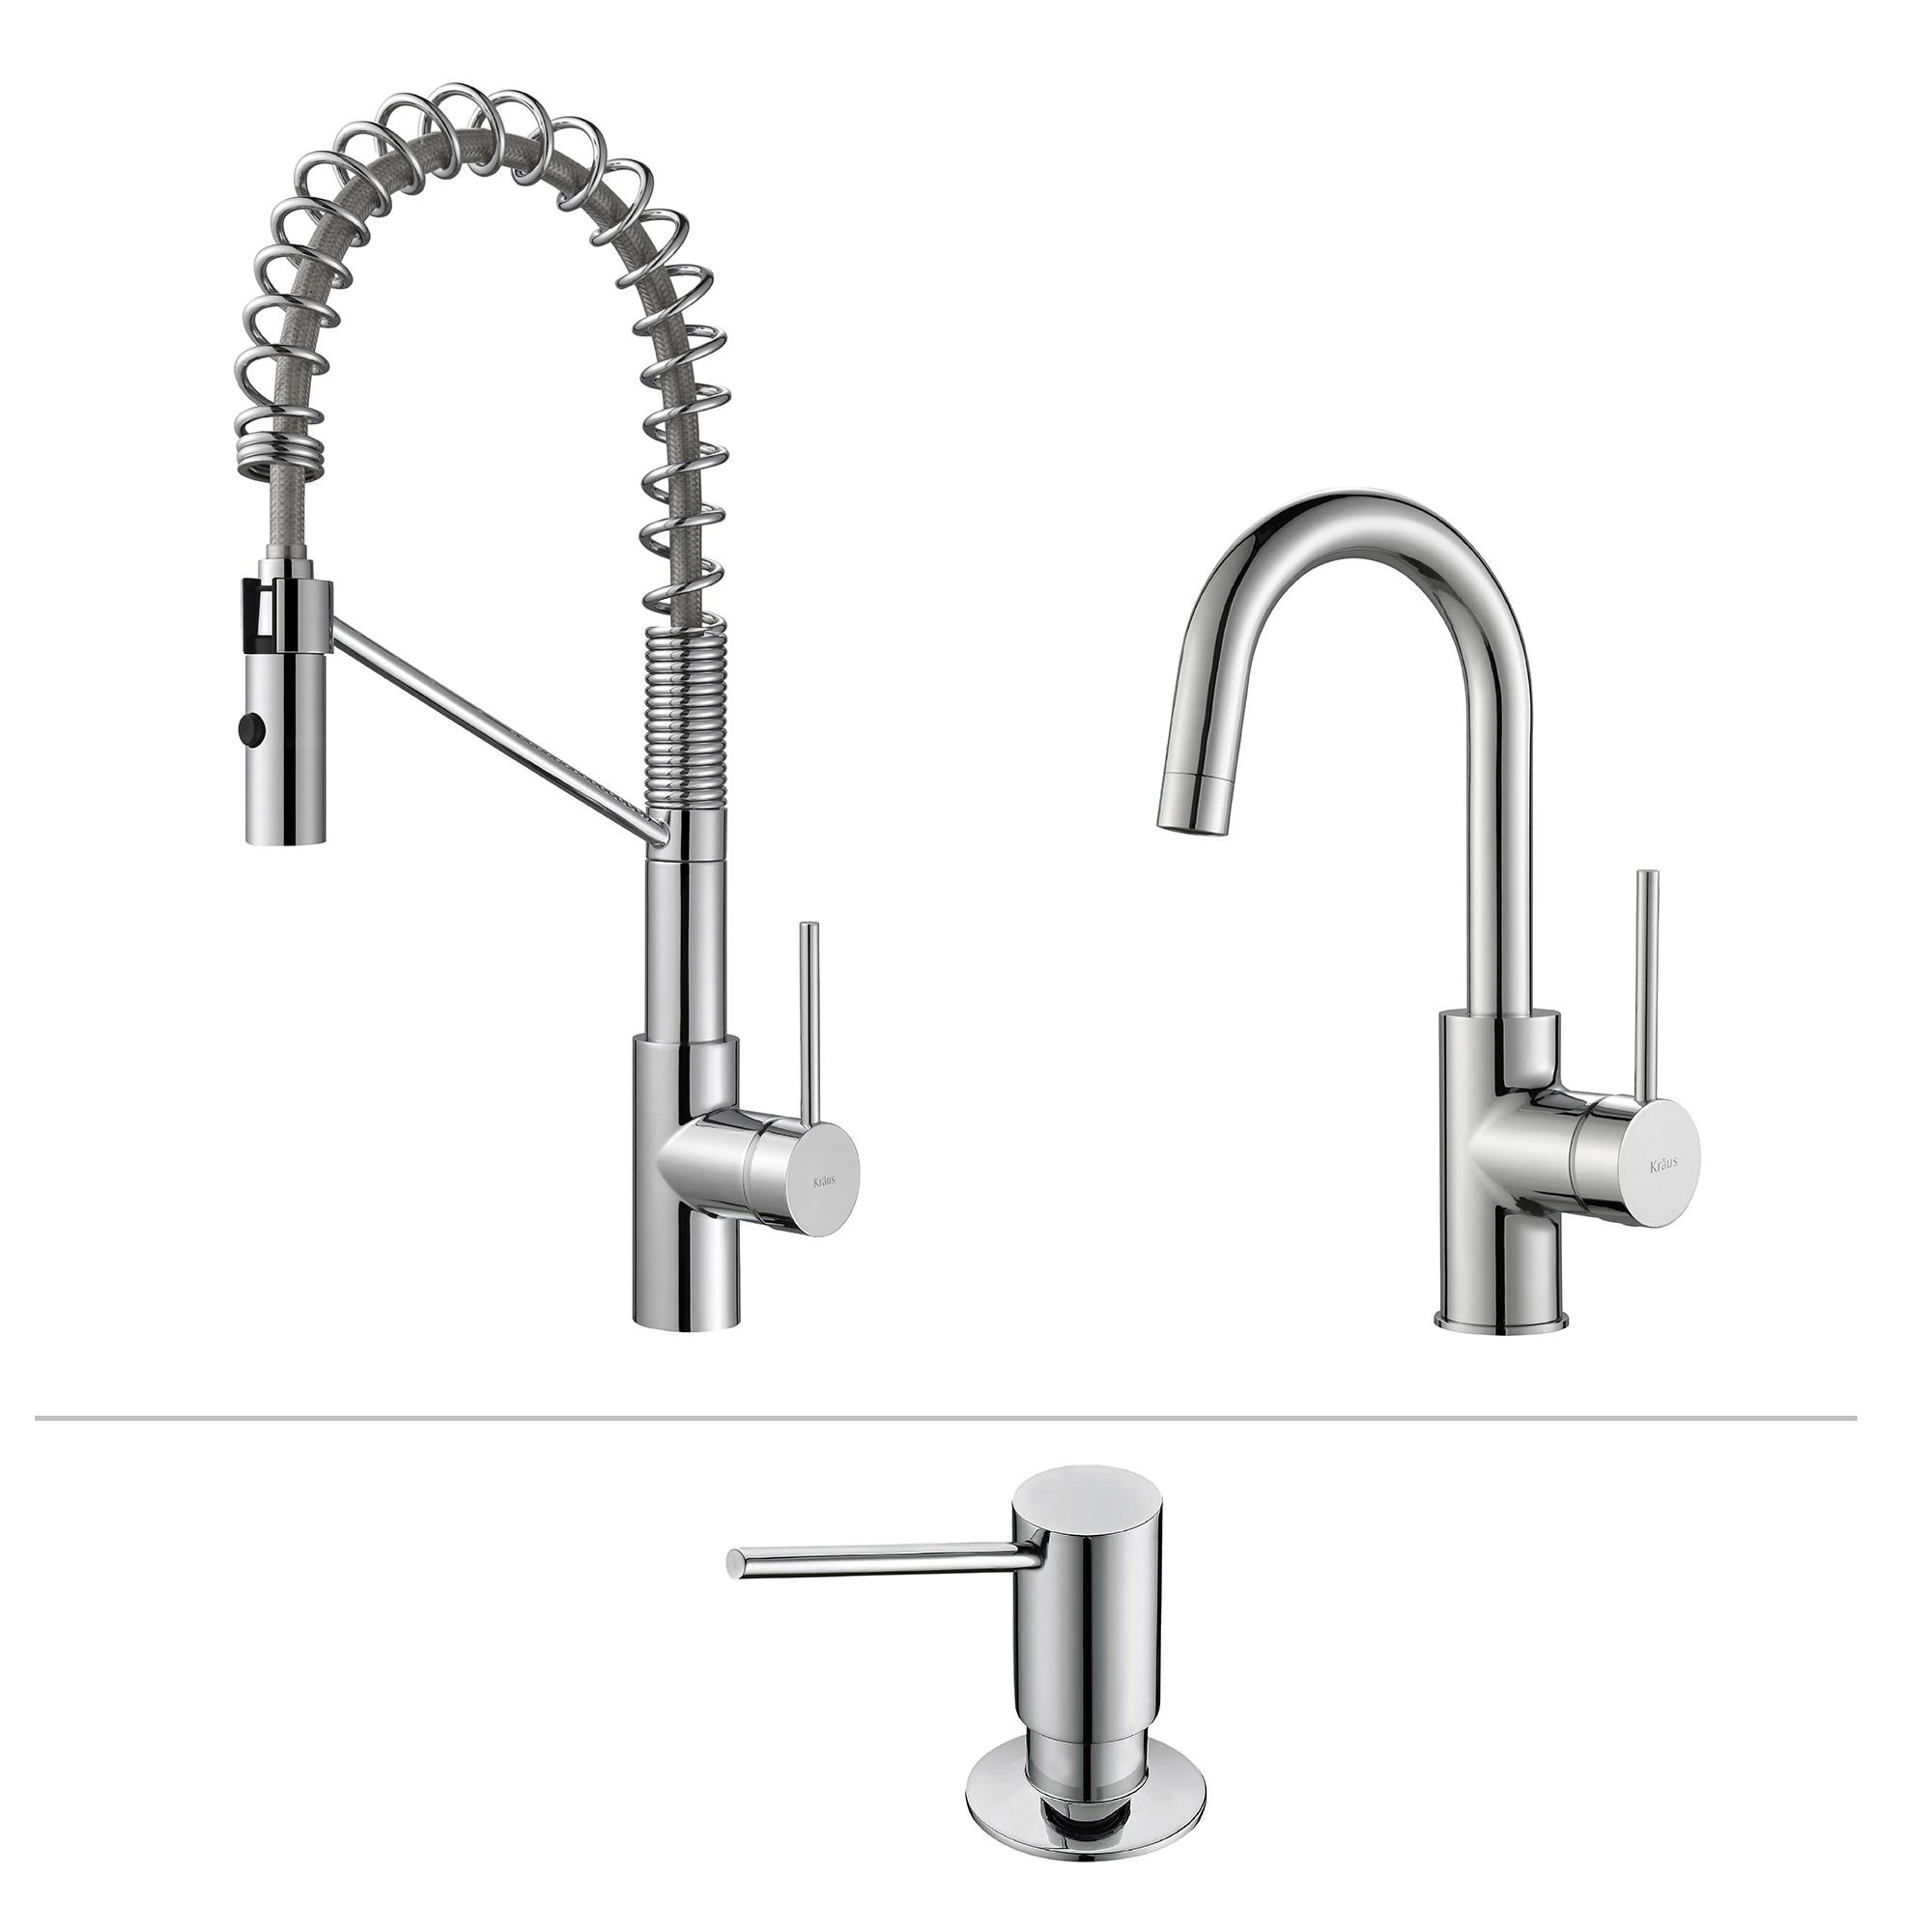 Ideas, restaurant bar sink faucet restaurant bar sink faucet kraus kitchen faucets kraususa 2000 x 2000  .